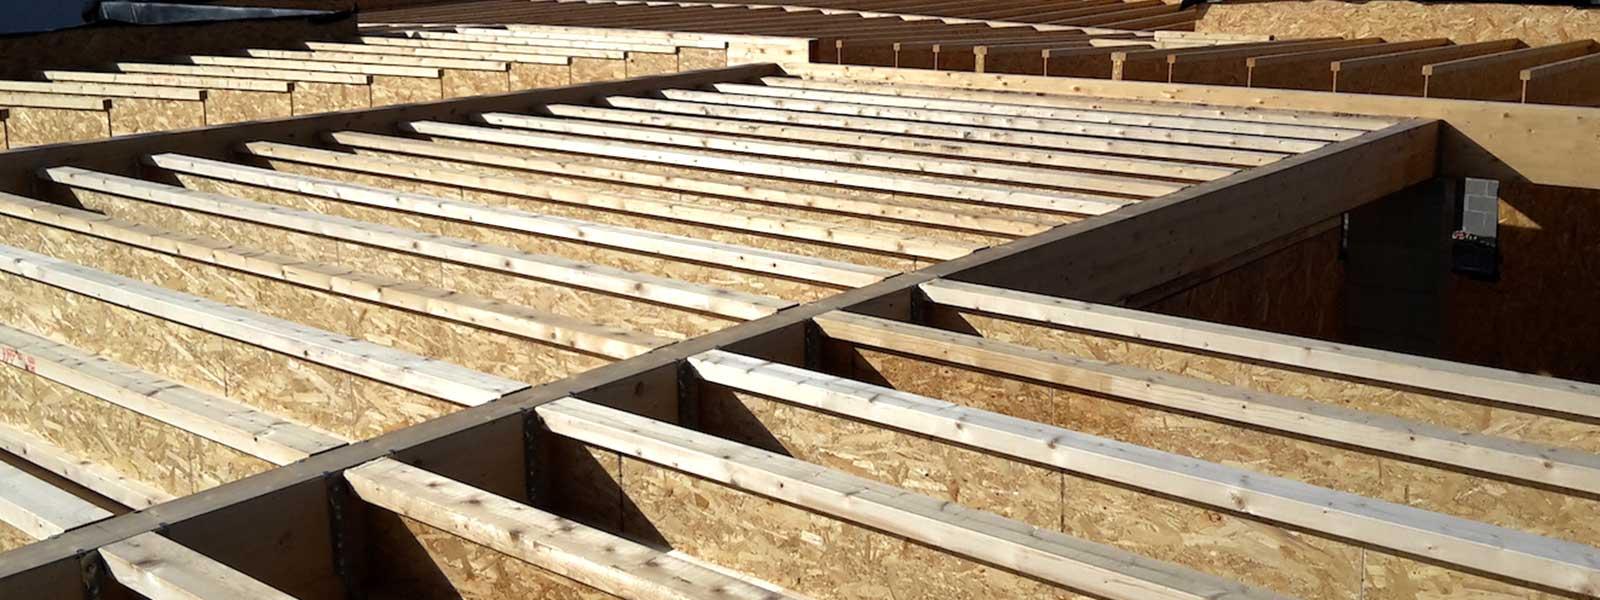 Maison en bois ossature bois charpente couverture à